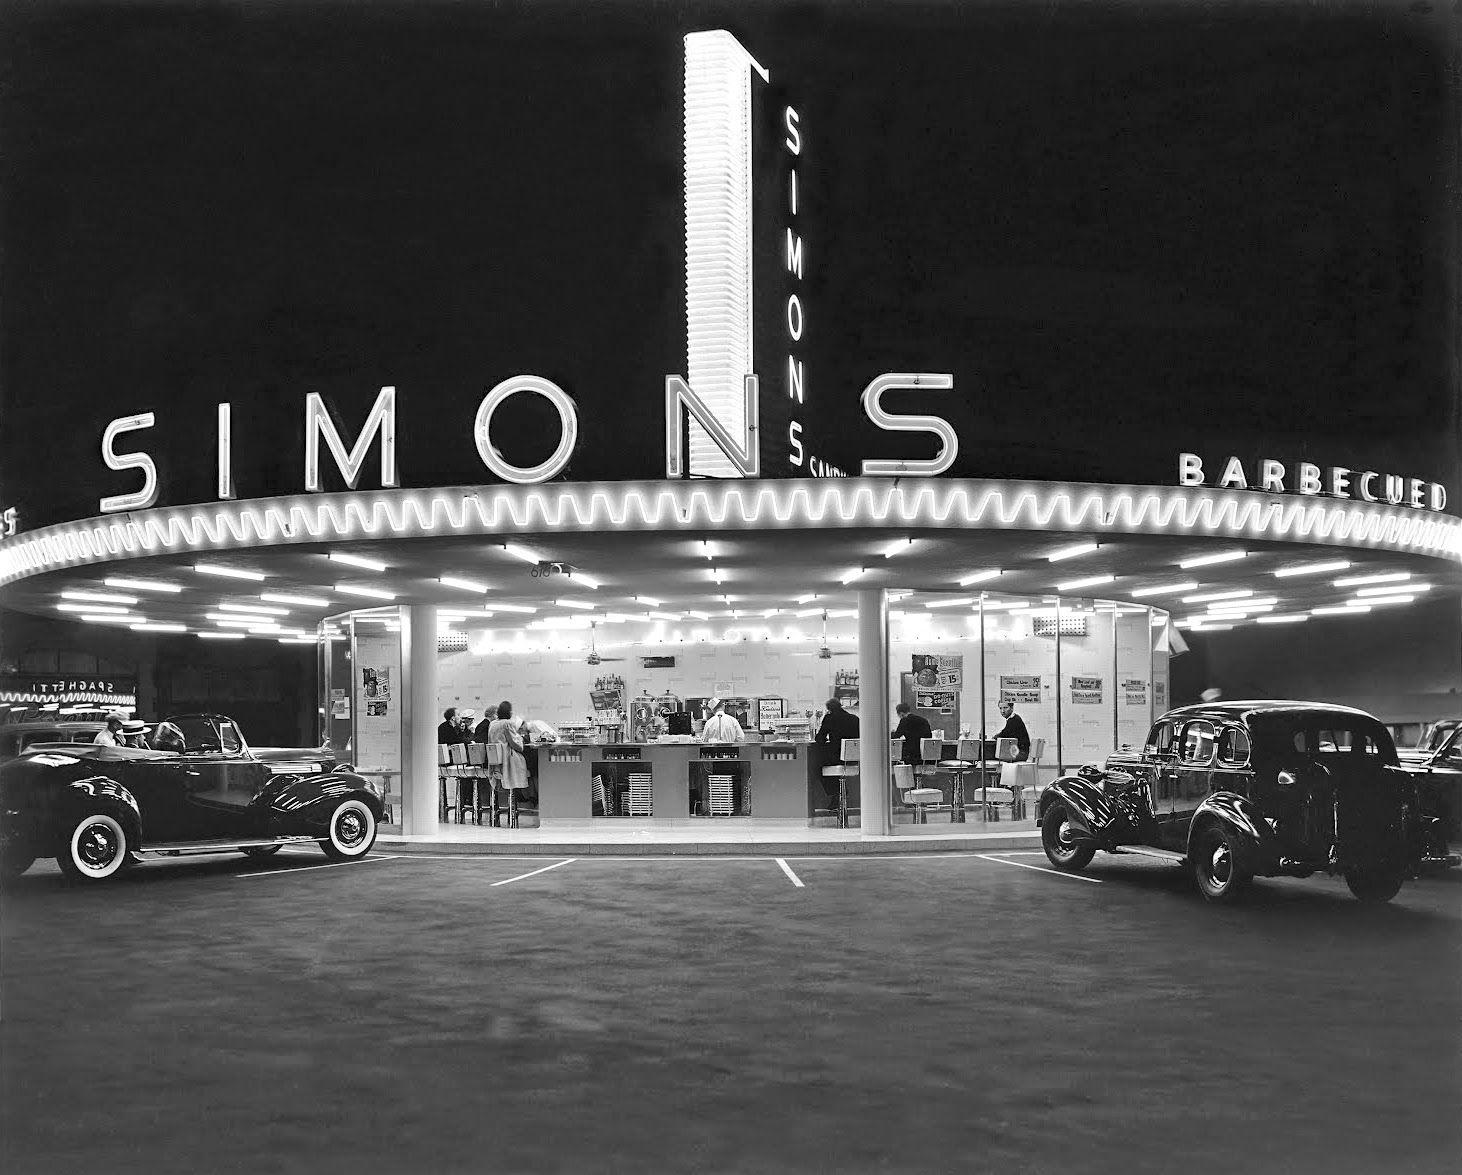 Simon S Drive In Restaurant On Wilshire Boulevard